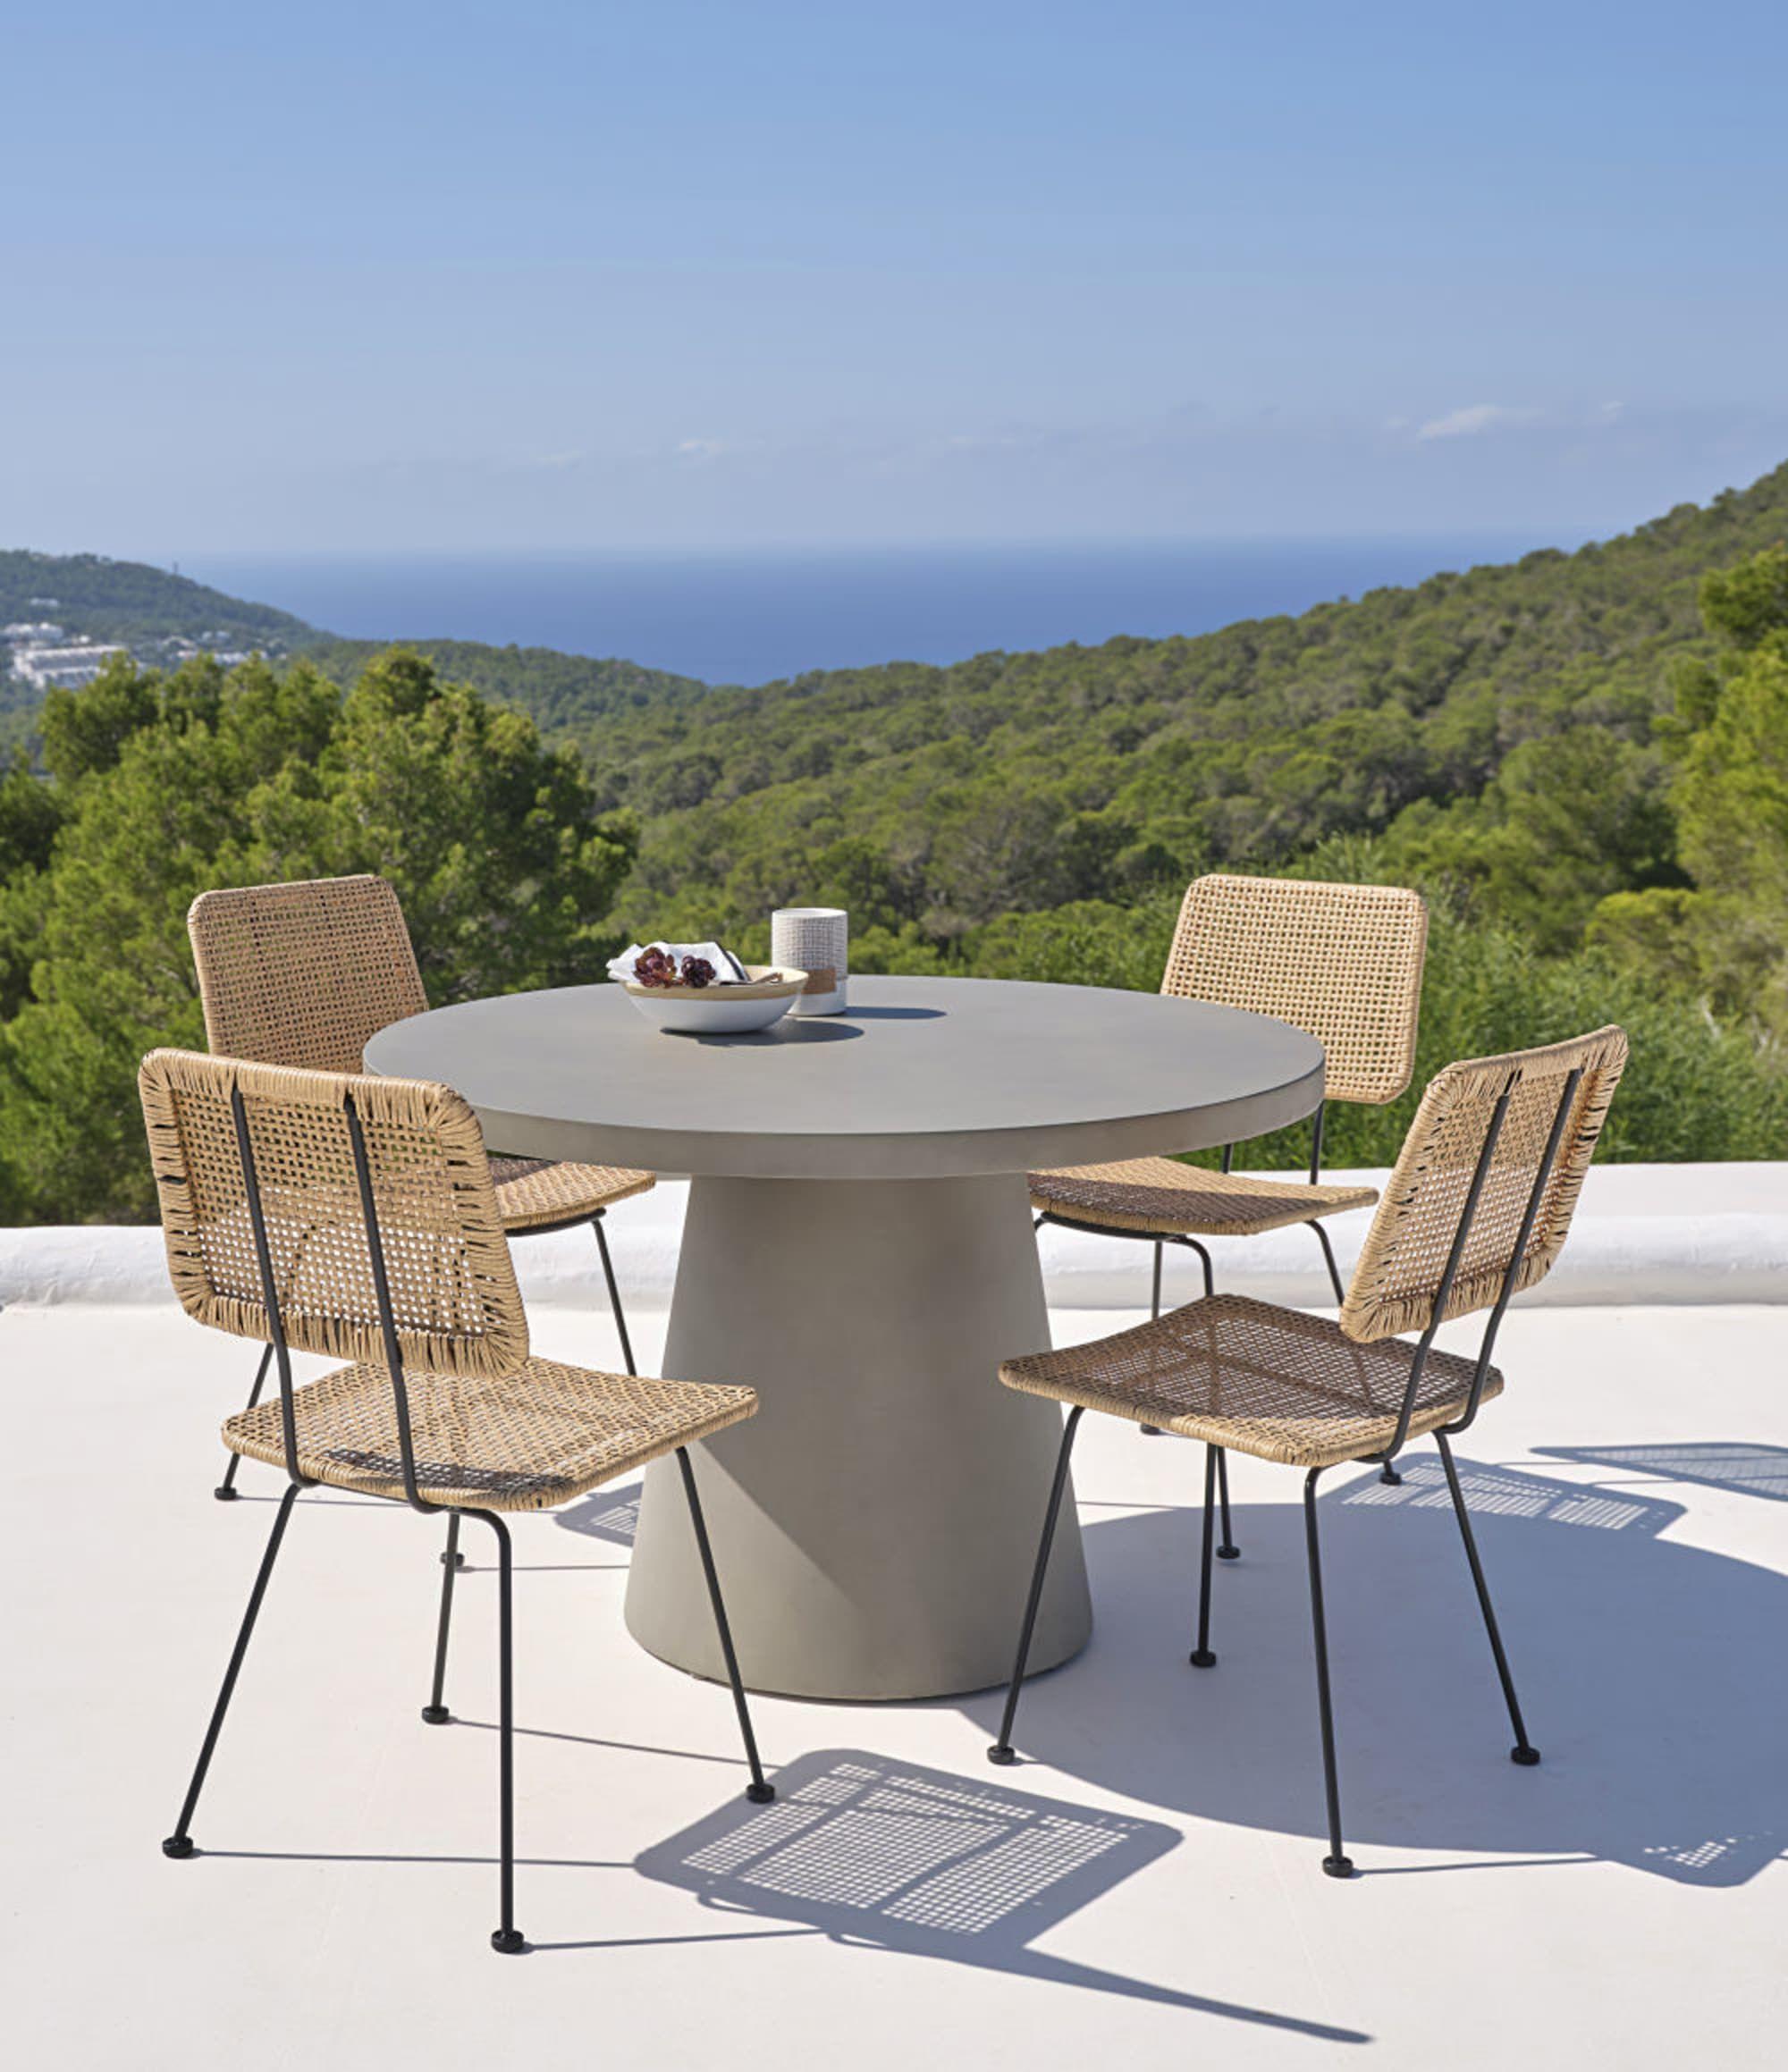 Round Matte Concrete 5 6 Seater Garden Table D120 Maisons Du Monde Betontisch Schwarzes Metall Gartentisch